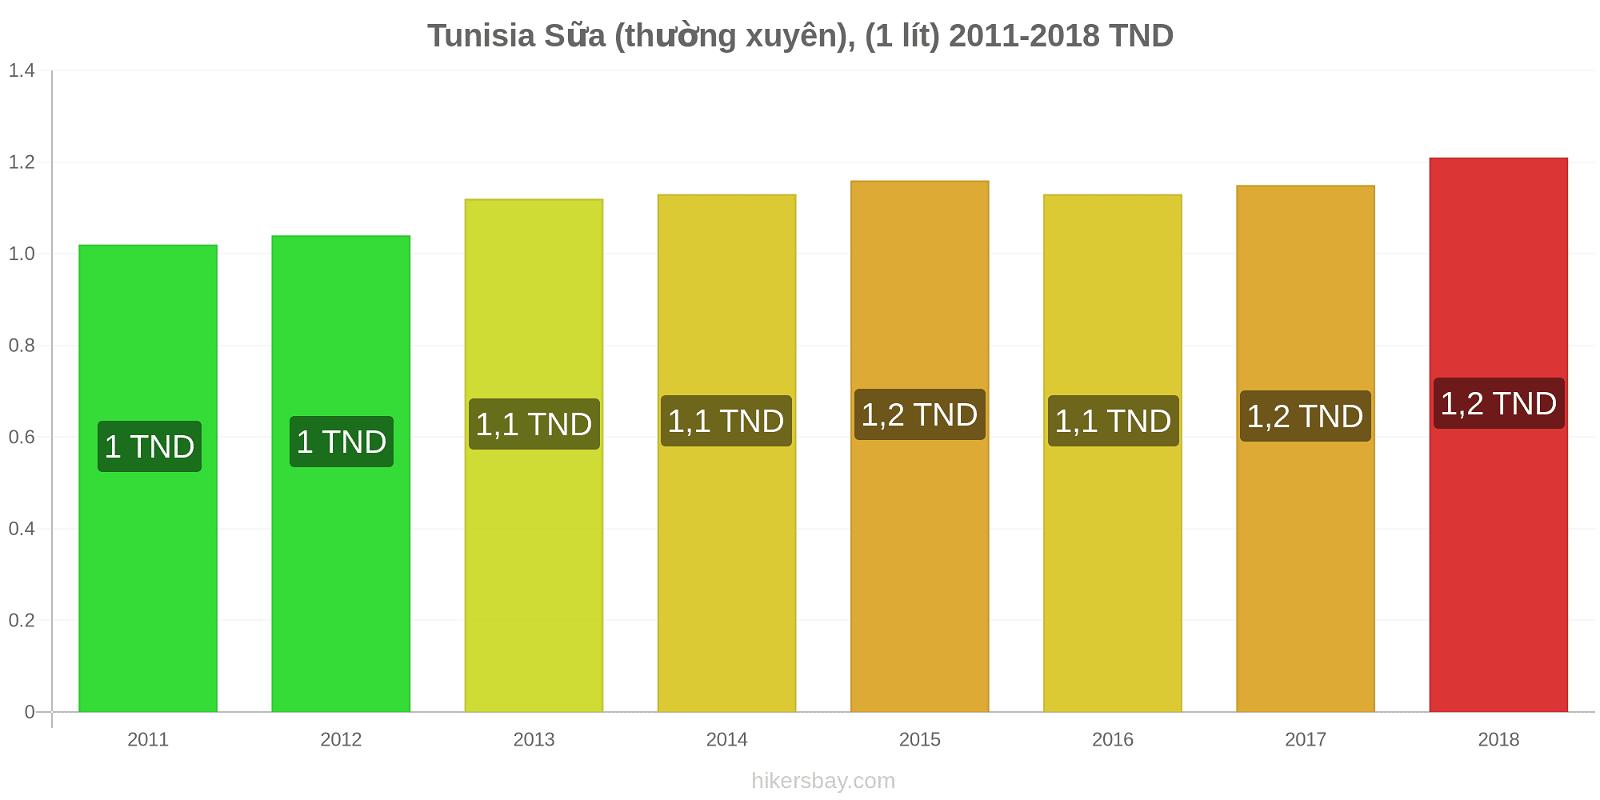 Tunisia thay đổi giá Sữa (thường xuyên), (1 lít) hikersbay.com